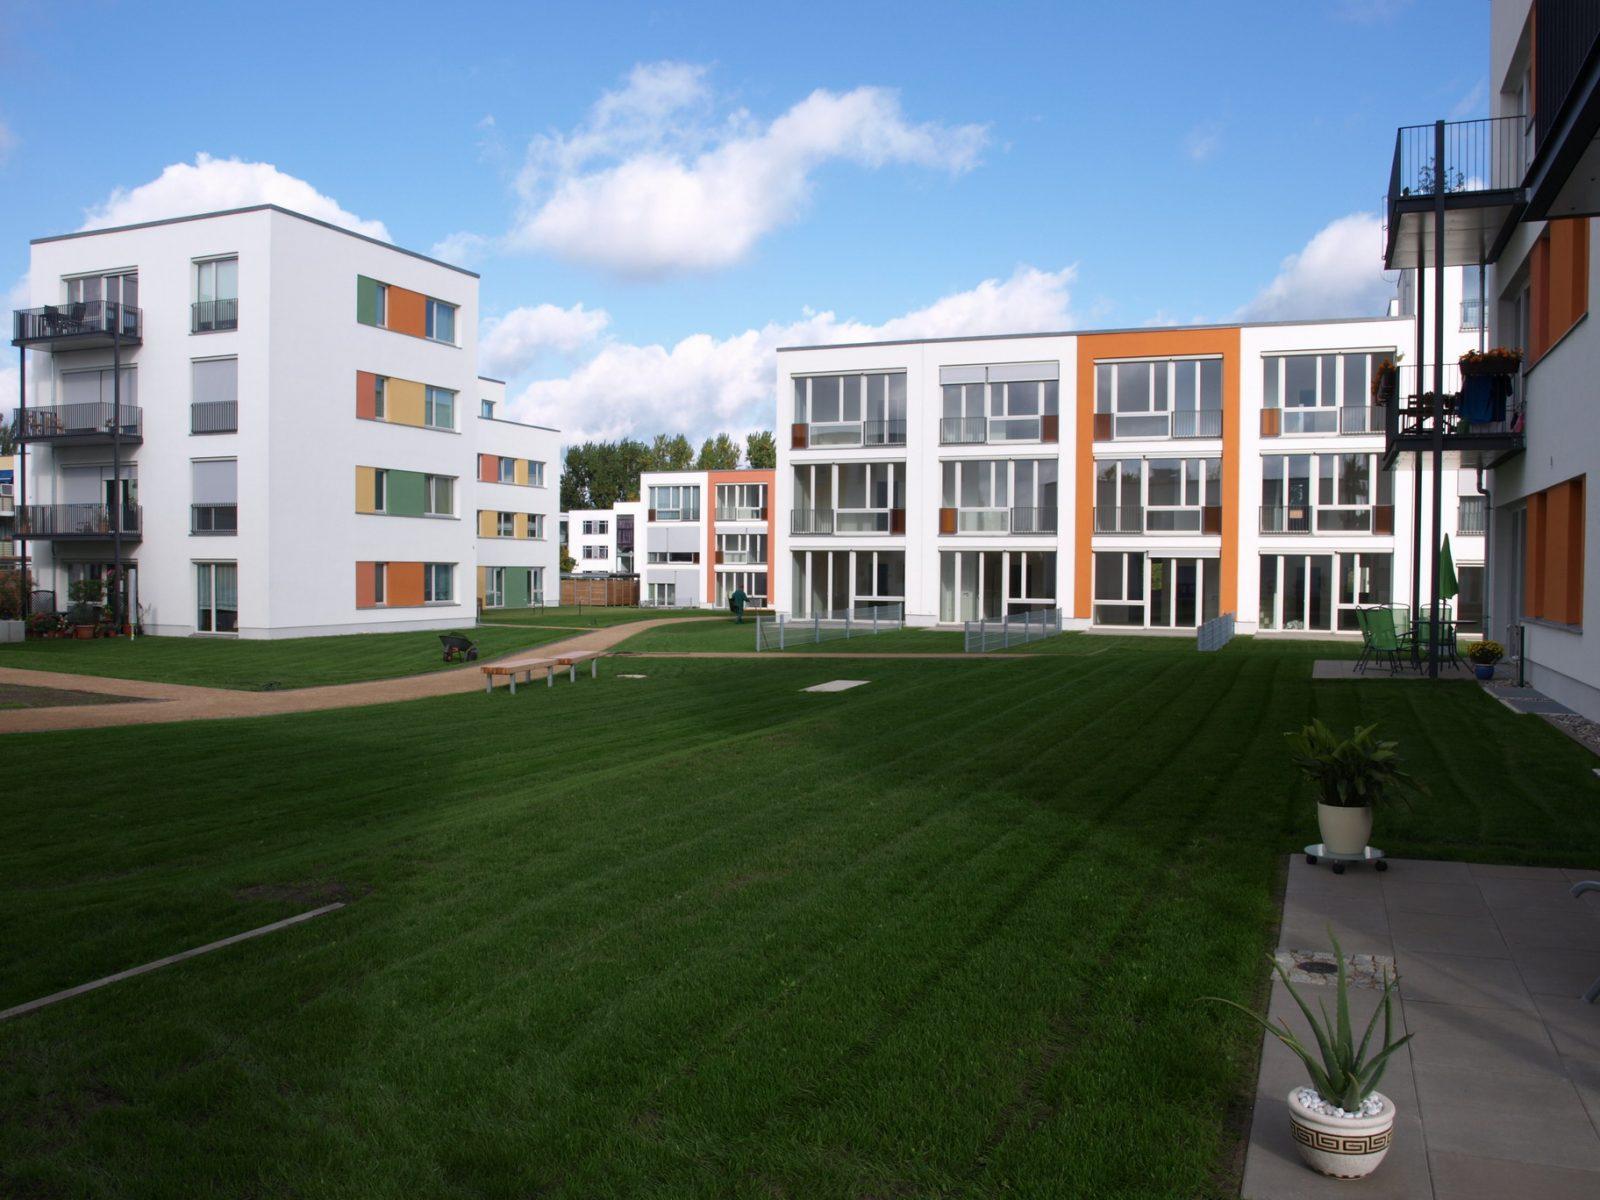 Grünanlagen / Innenhofbereiche – Neubau Gartenstadt Falkenberg I